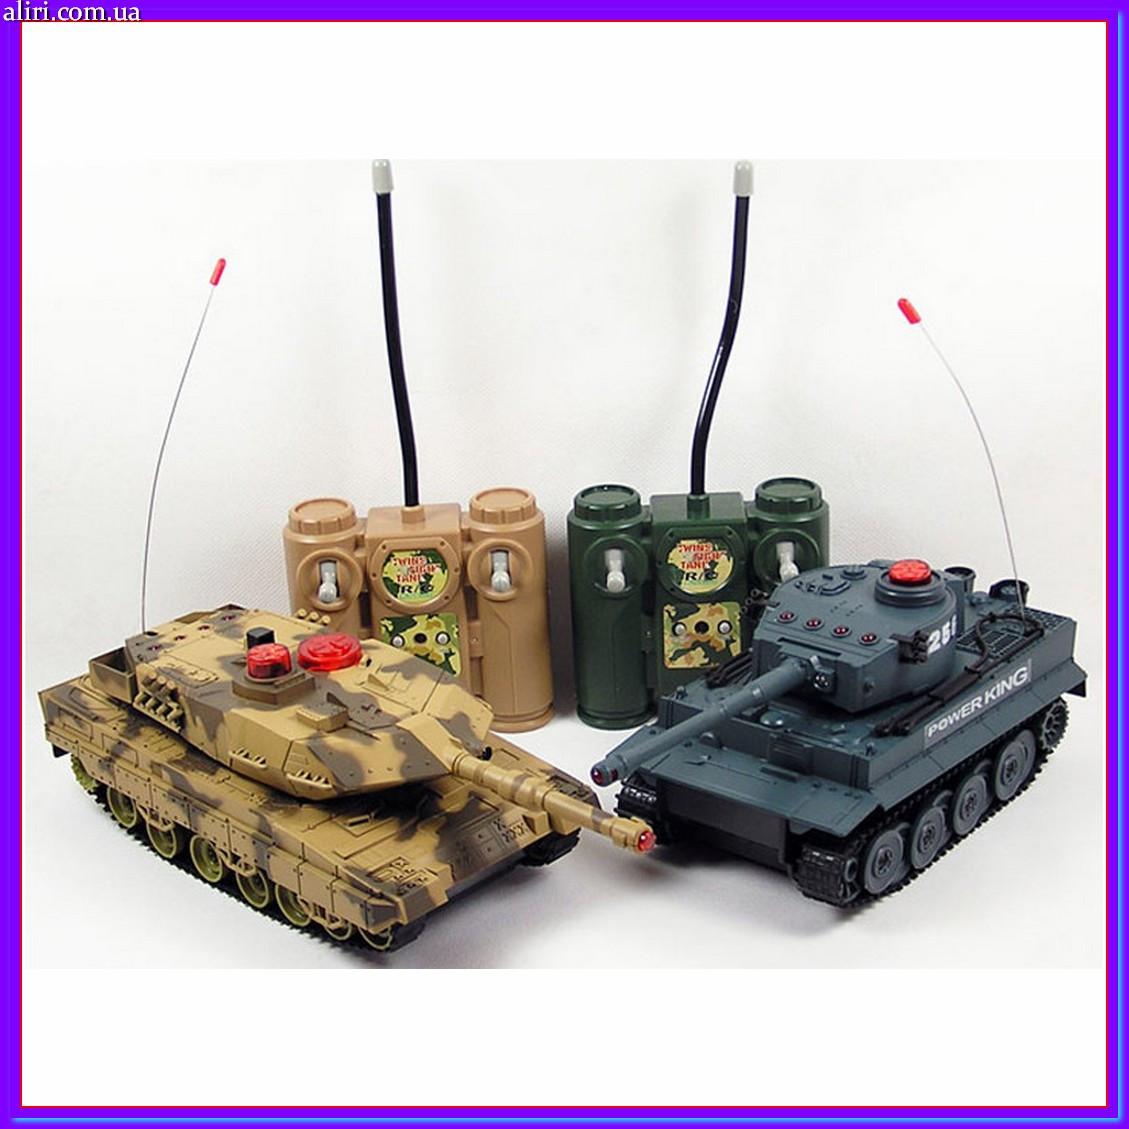 Танковый бой на радиоуправлении 1:24 Huan Qi 558 2 танка